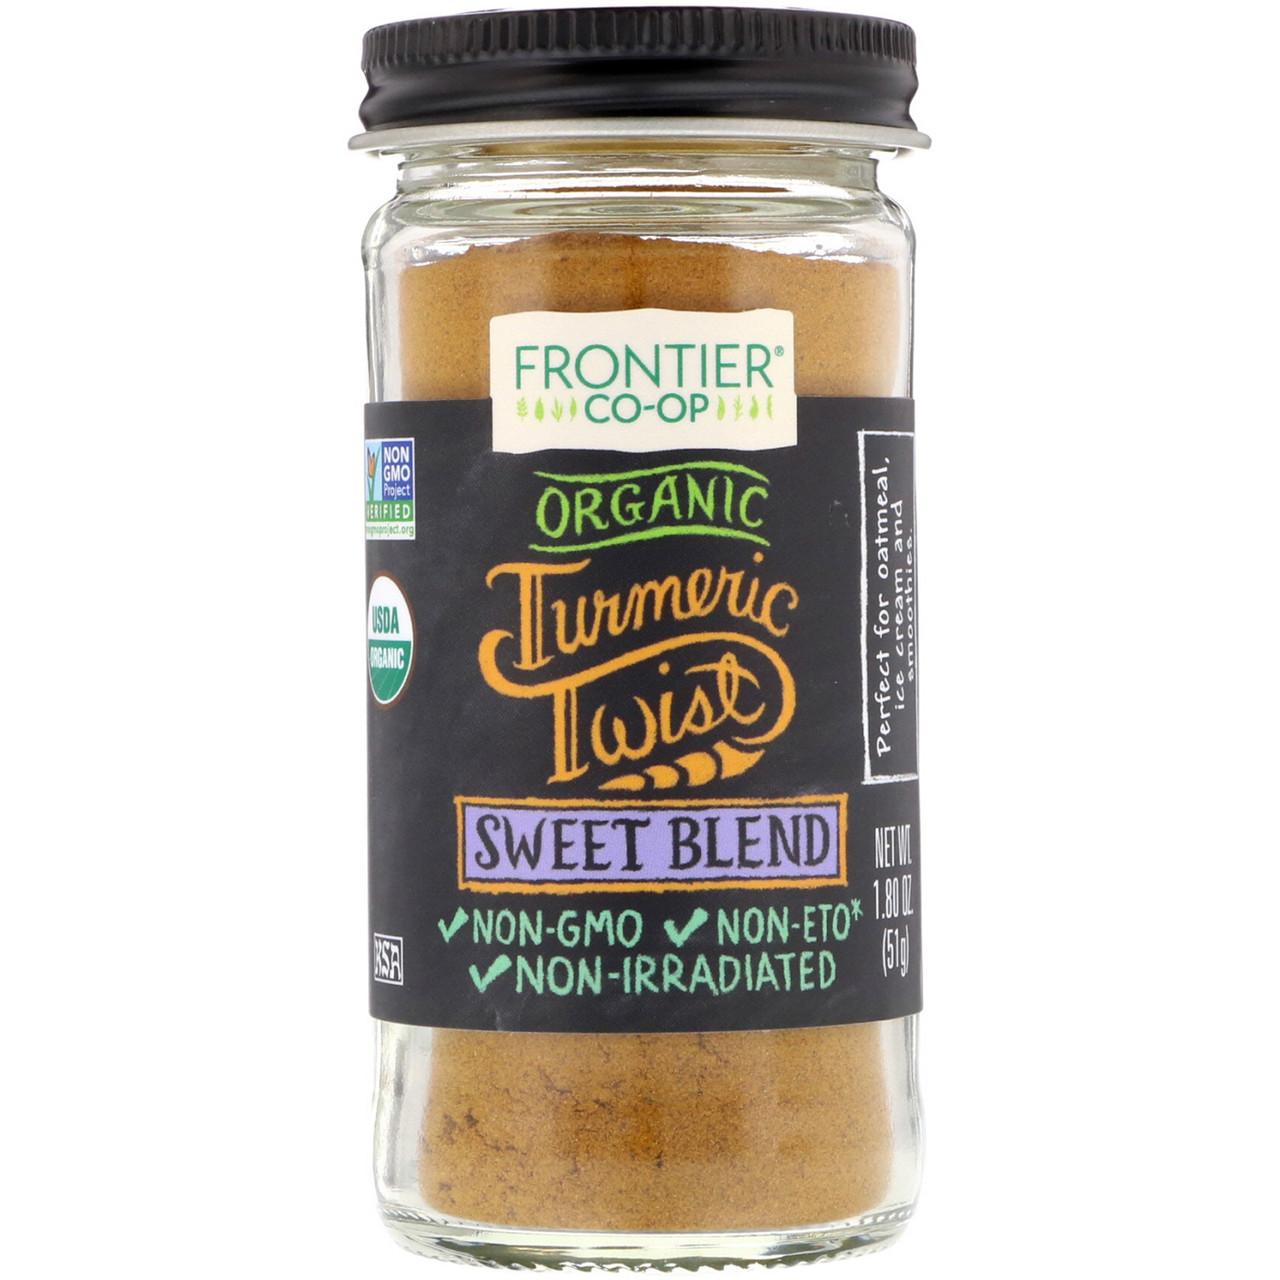 Frontier Natural Products, Organic Turmeric Twist (органическая куркума), сладкая смесь, 1,80 унц. (51 г)